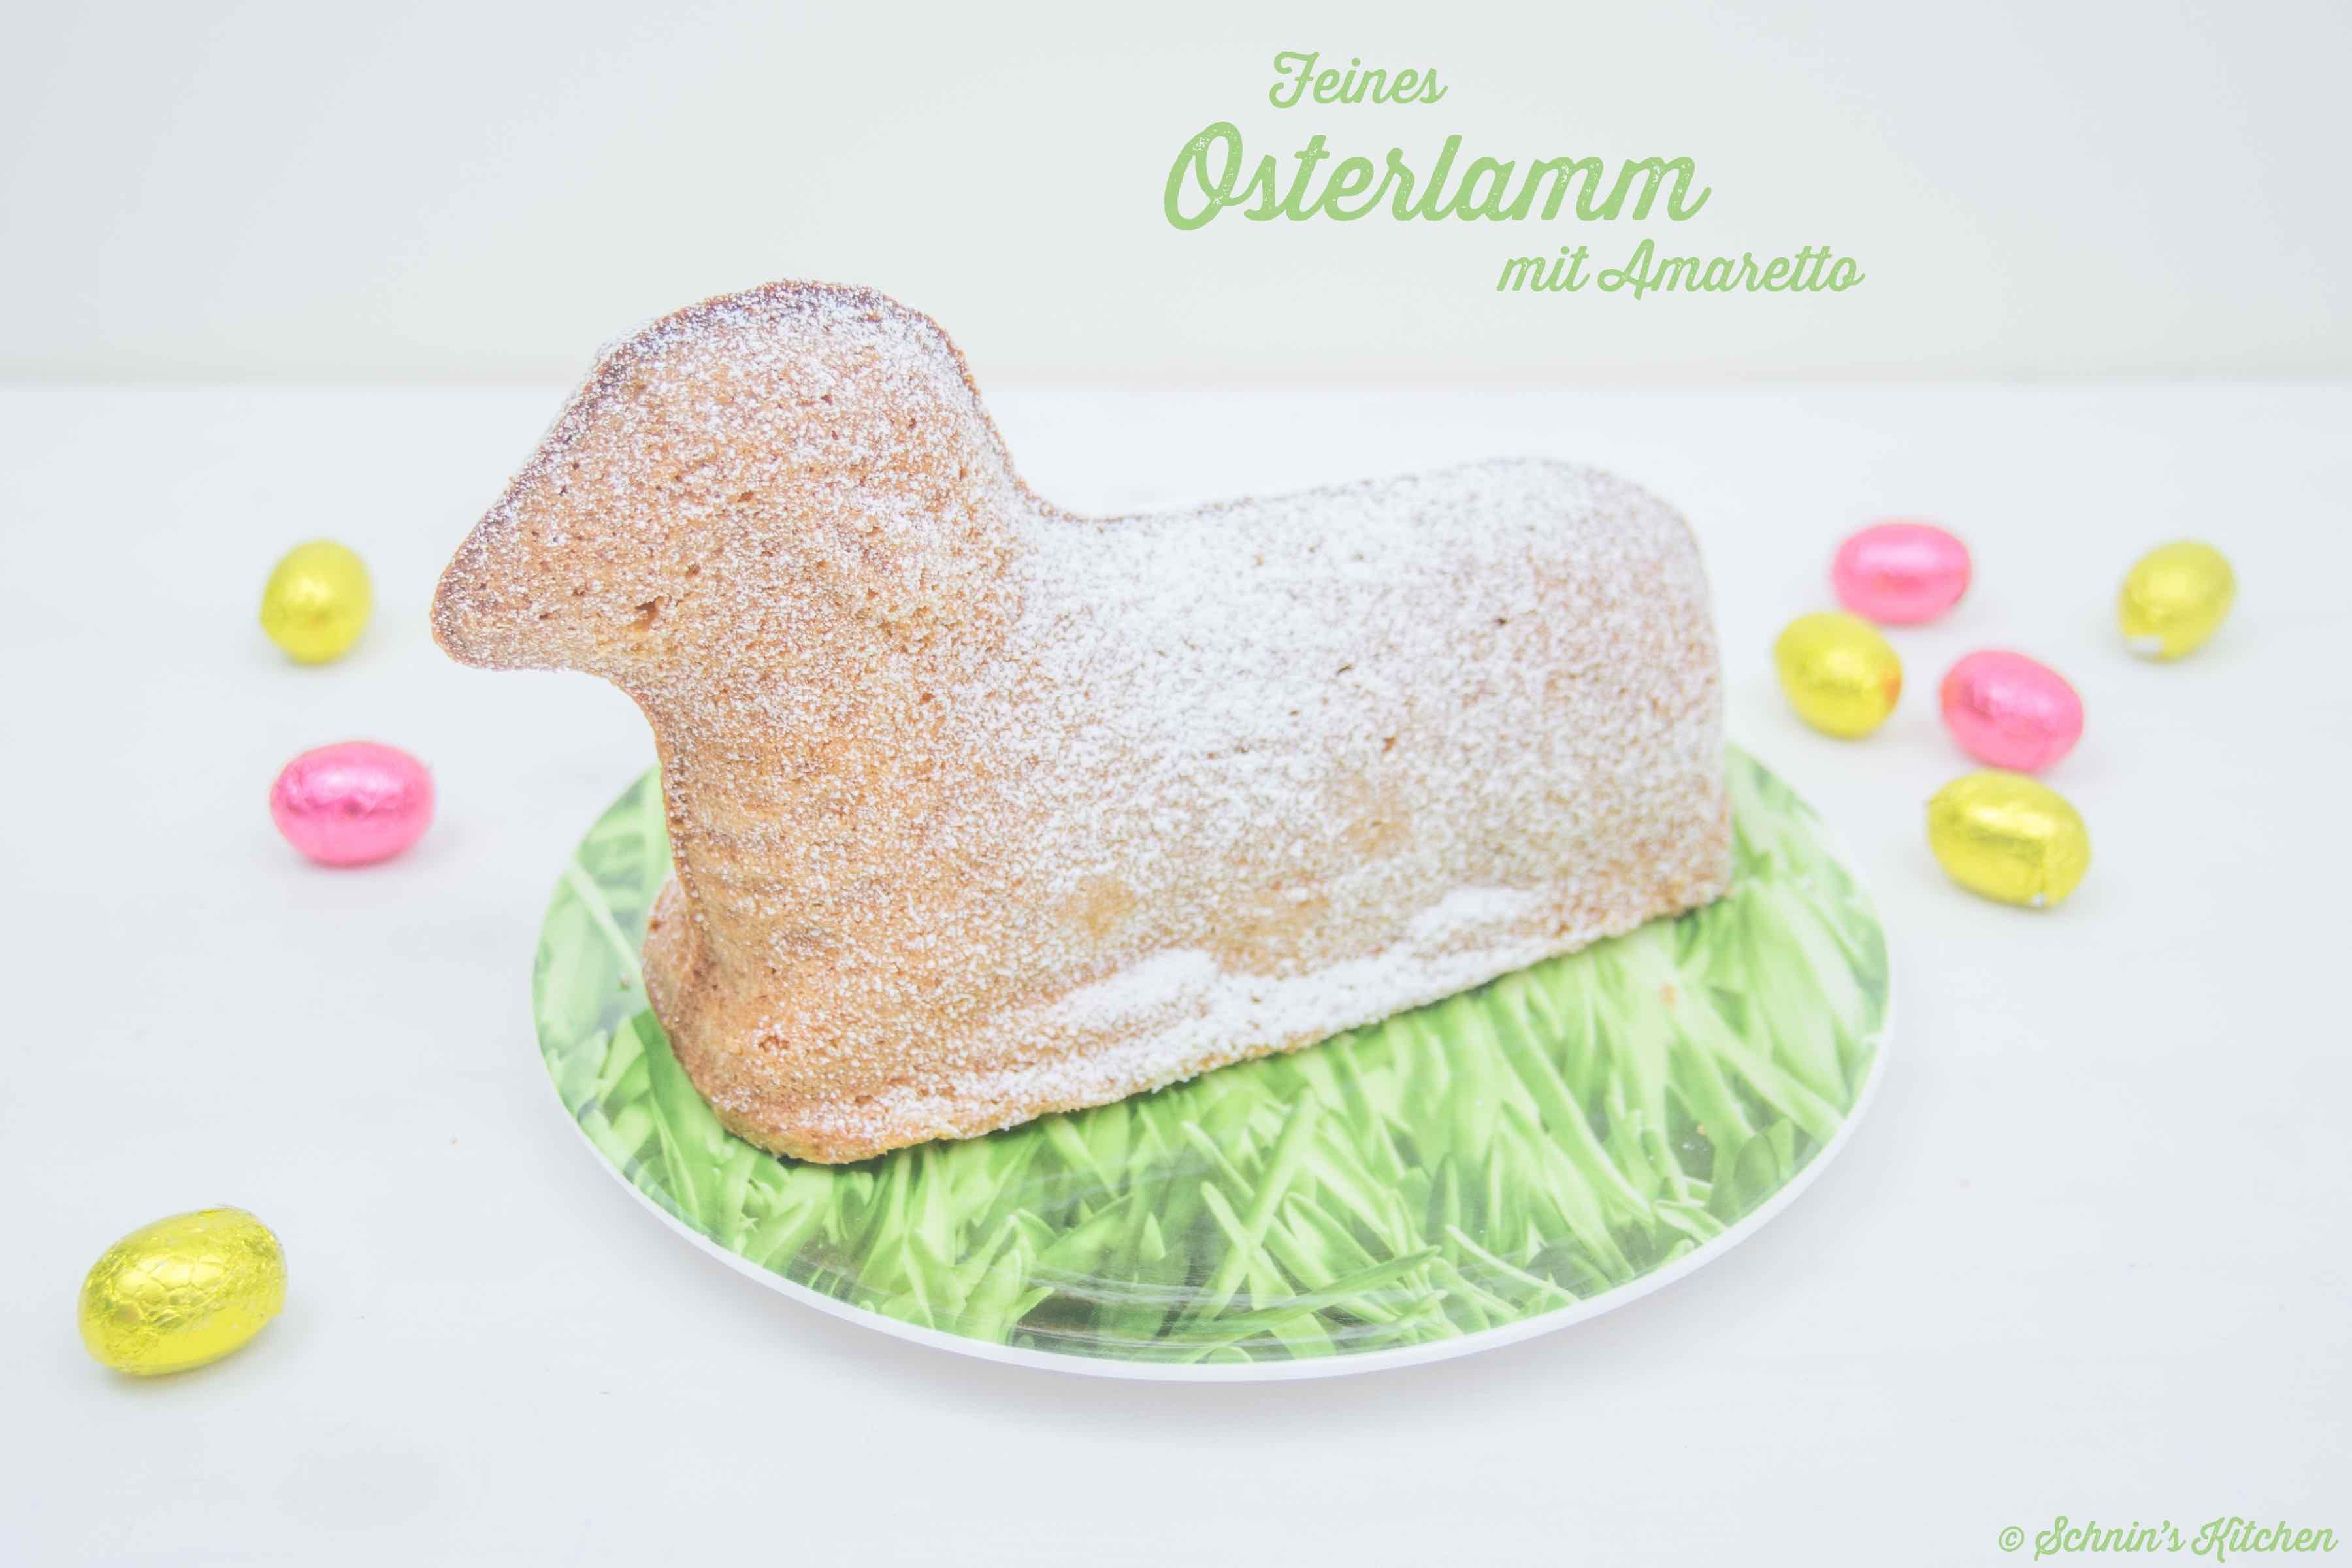 Schnin's Kitchen: Osterlamm mit Amaretto aus feinem Sandkuchenteig